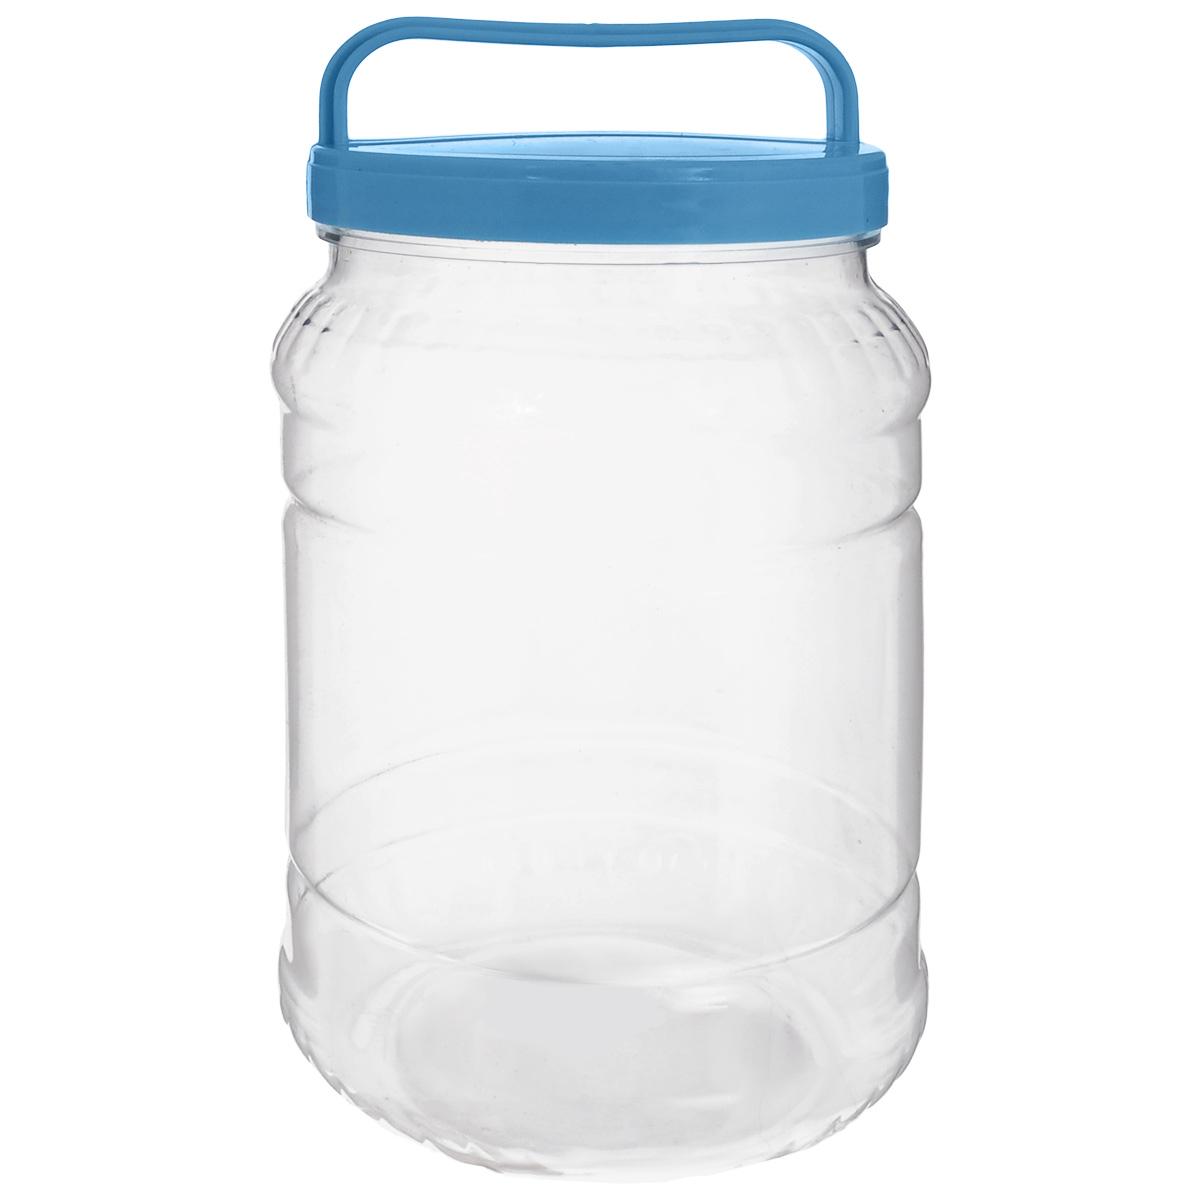 Бидон Альтернатива, цвет: прозрачный, голубой, 2 лZM-11026Бидон Альтернатива предназначен для хранения и переноски пищевых продуктов, таких как молоко, вода и прочее. Выполнен из пищевого высококачественного пластика. Оснащен ручкой для удобной переноски.Бидон Альтернатива станет незаменимым аксессуаром на вашей кухне.Высота бидона (без учета крышки): 20,5 см.Диаметр: 10,5 см.